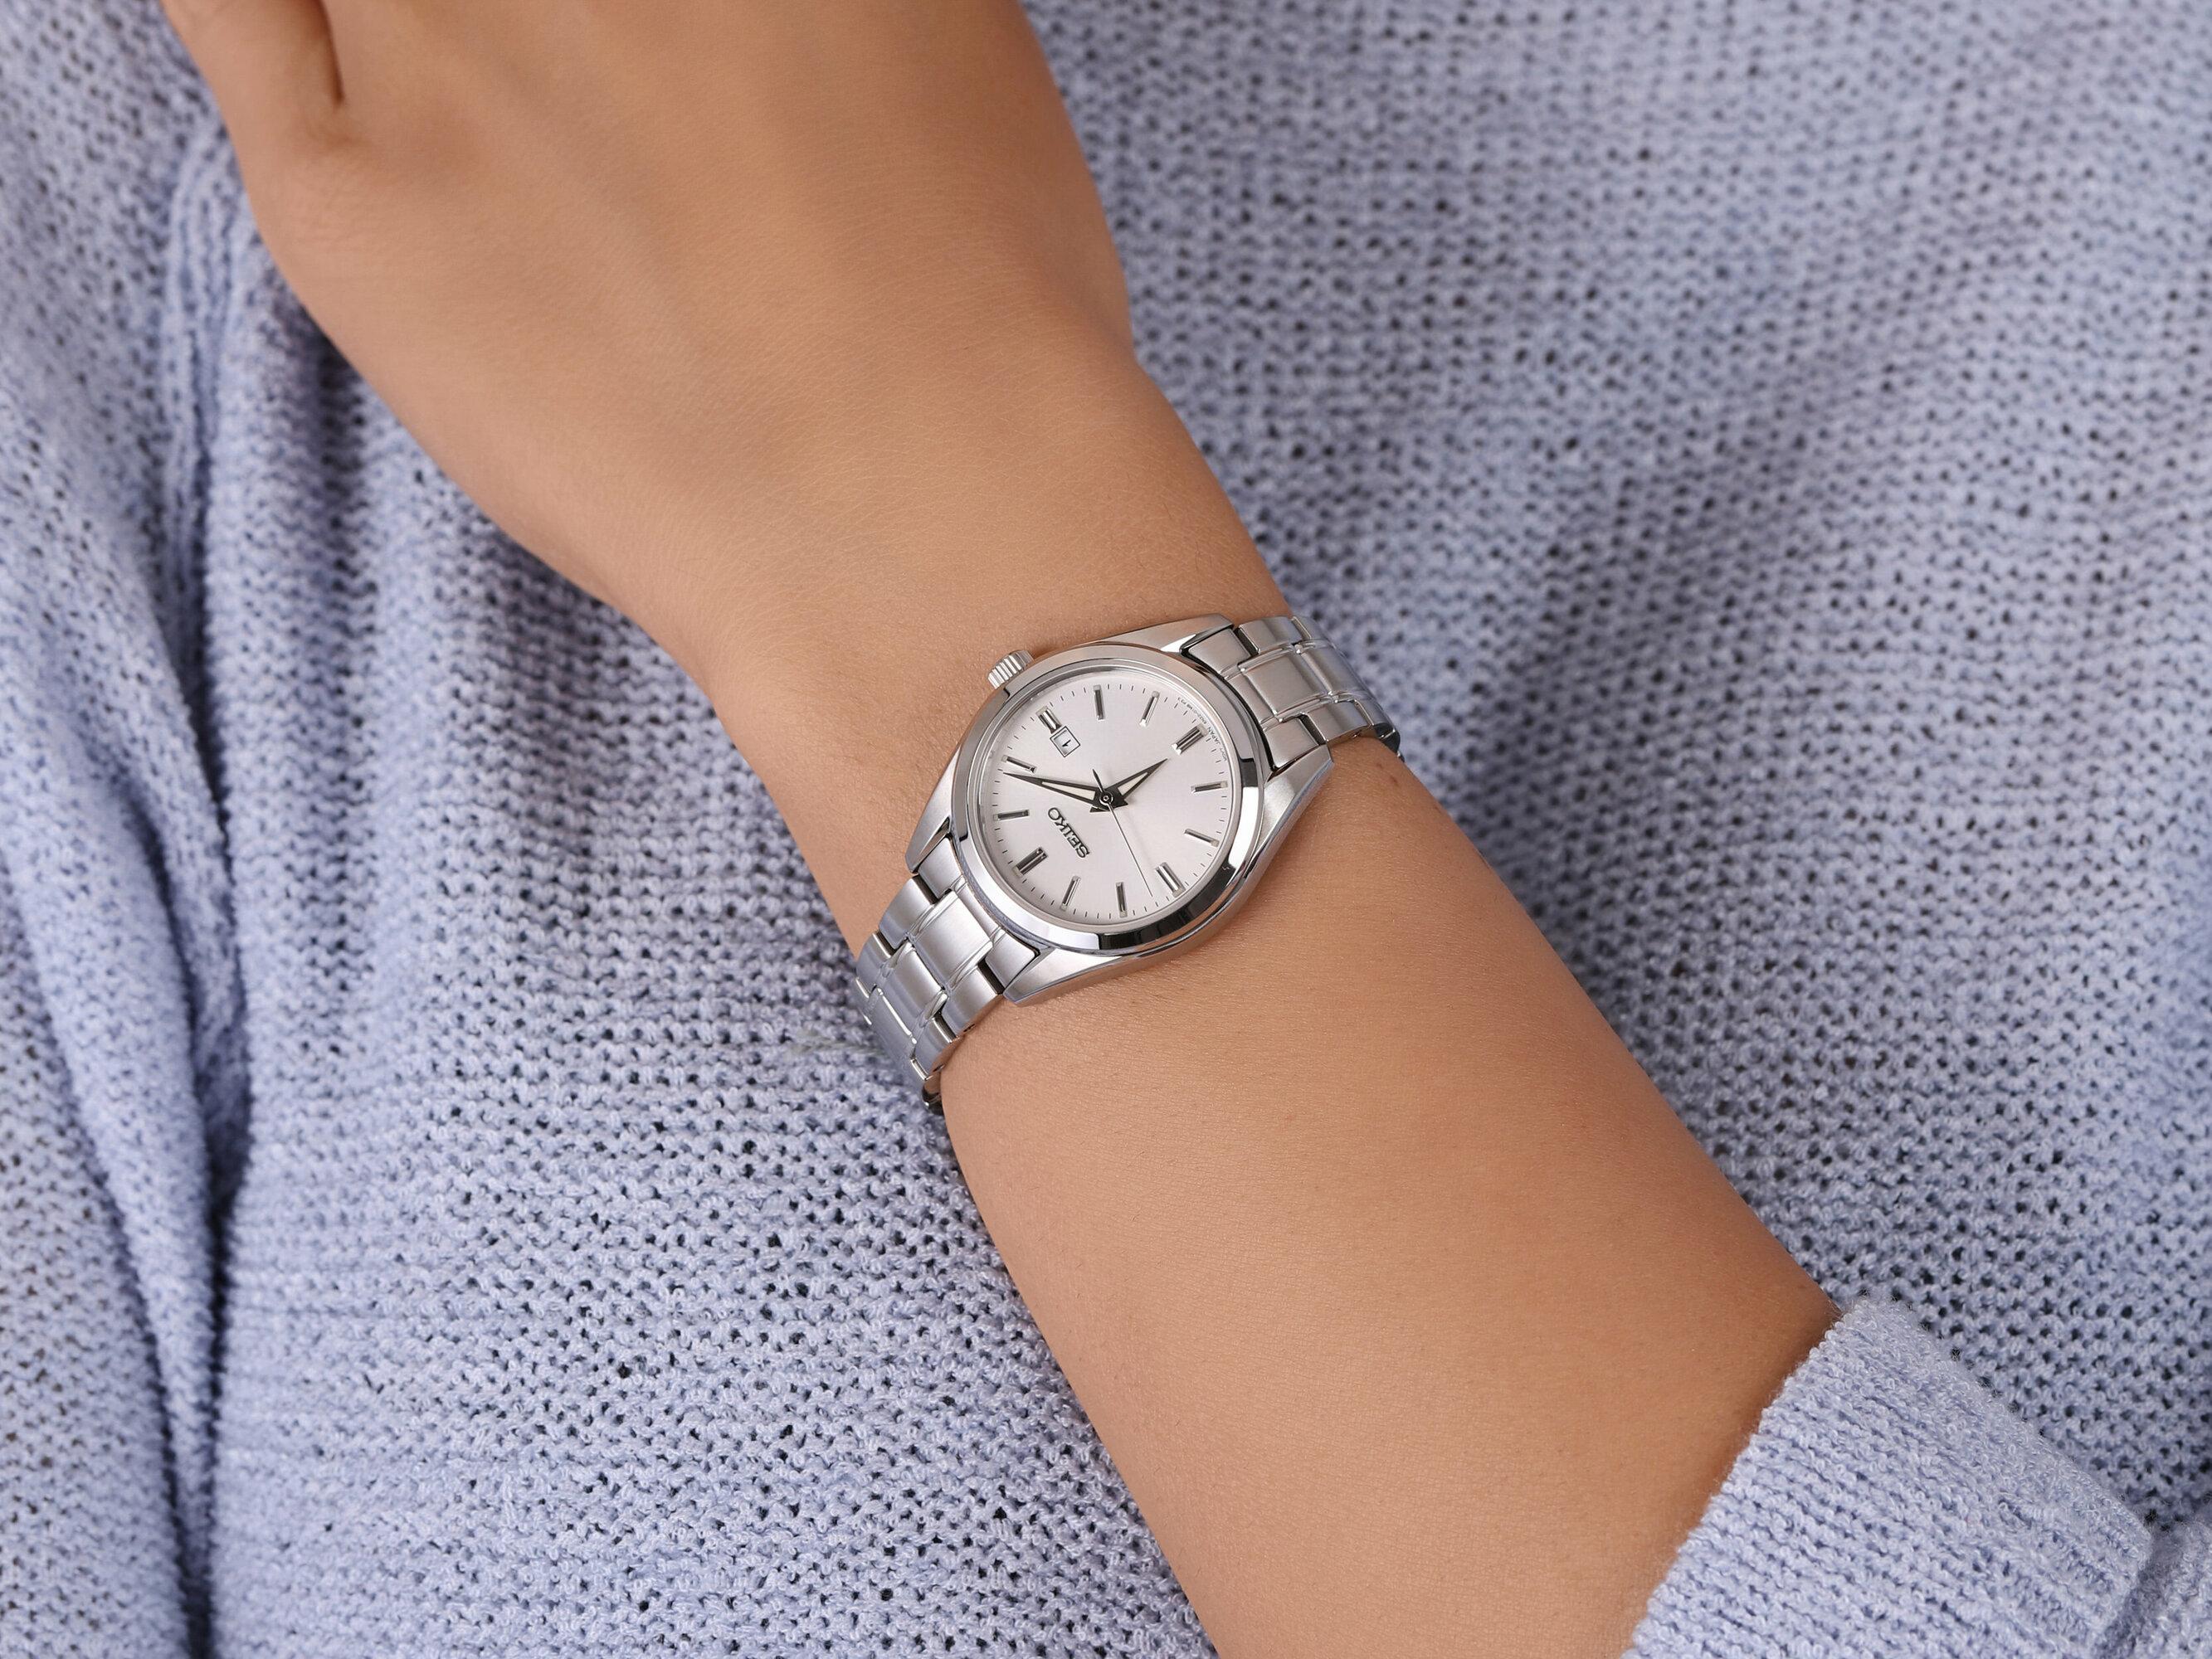 Seiko SUR633P1 damski zegarek Classic bransoleta